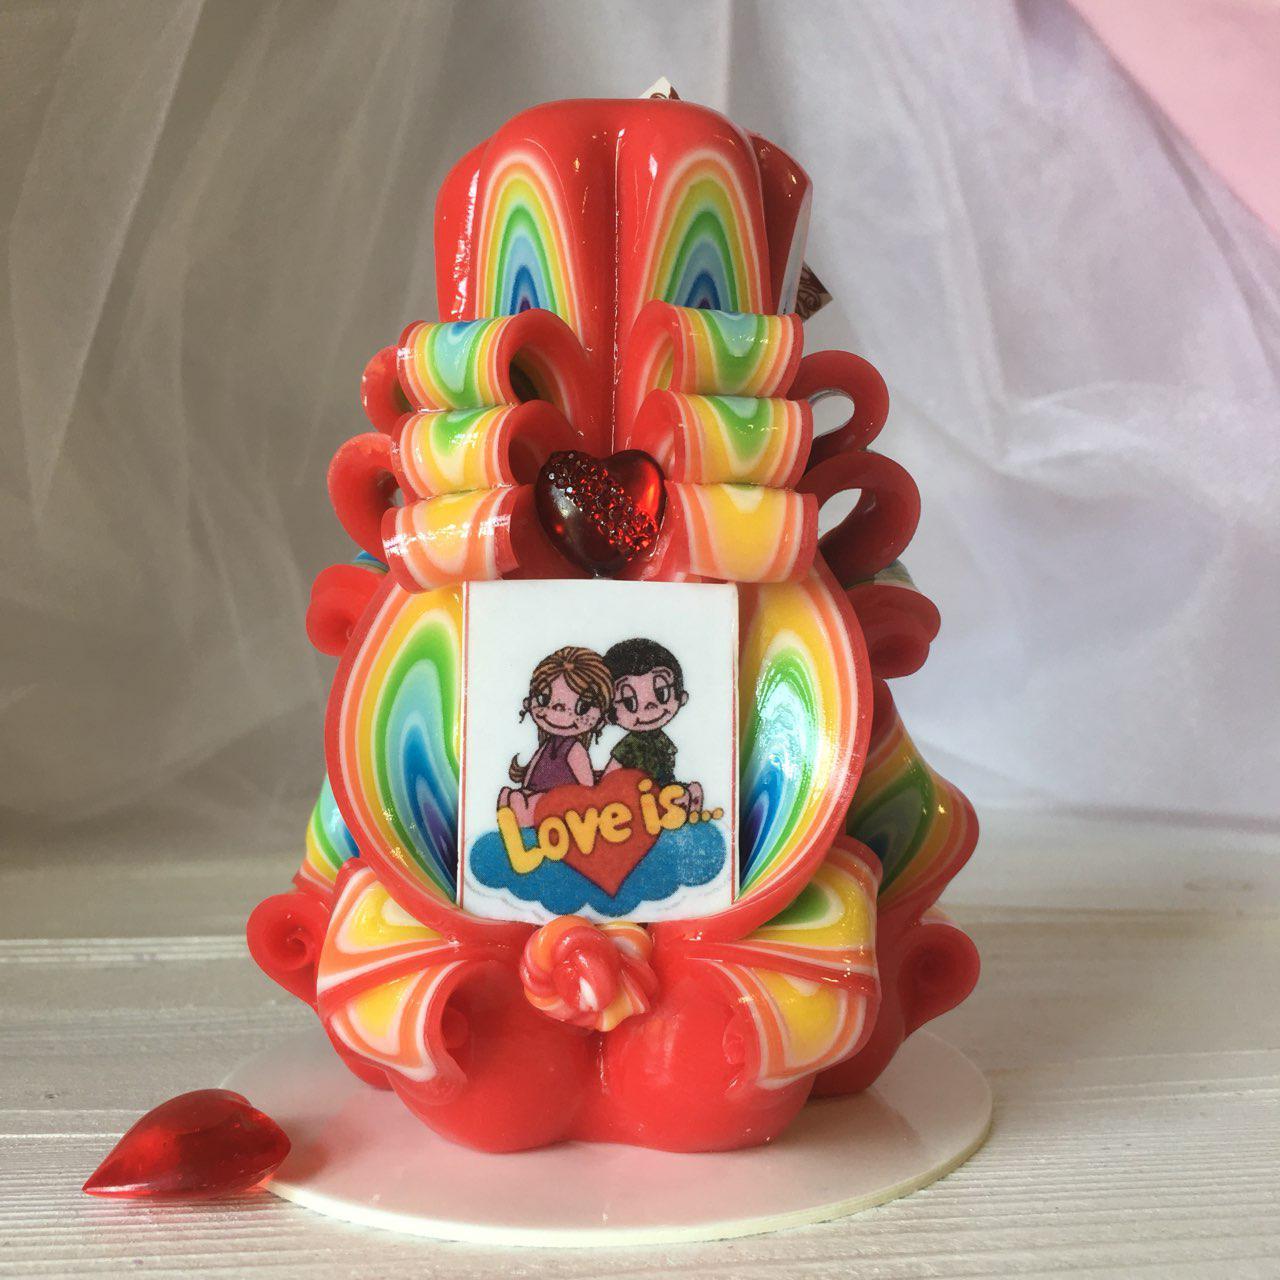 Свеча для влюбленных Lowe is... Приятный романтический подарок